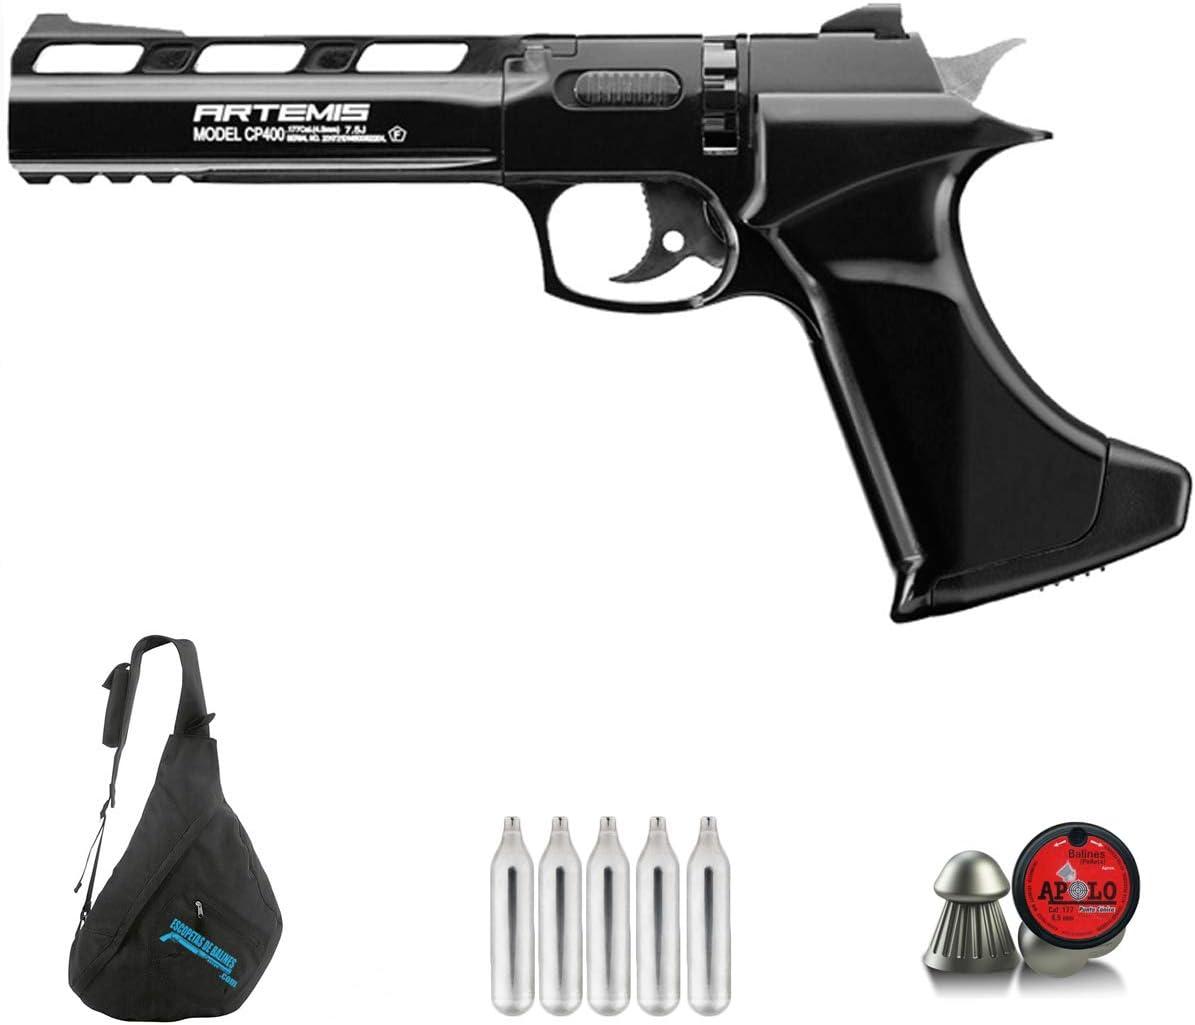 CP400 Artemis Pistola de Aire comprimido (CO2) de balines (perdigones) de Calibre 4.5mm semiautomática